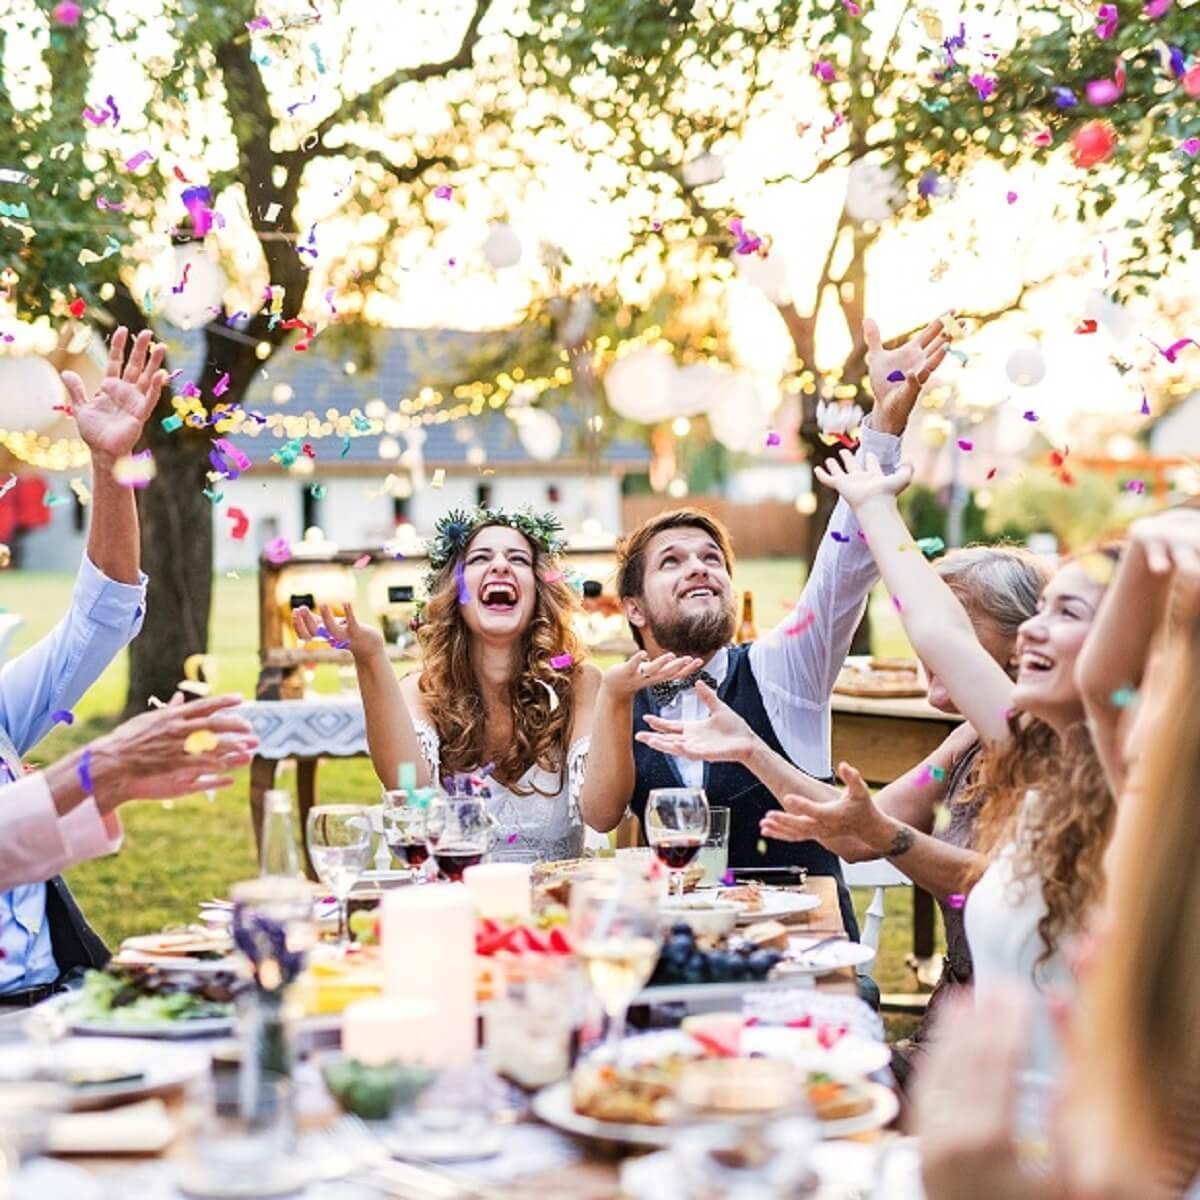 友達に結婚を祝ってもらっている様子。